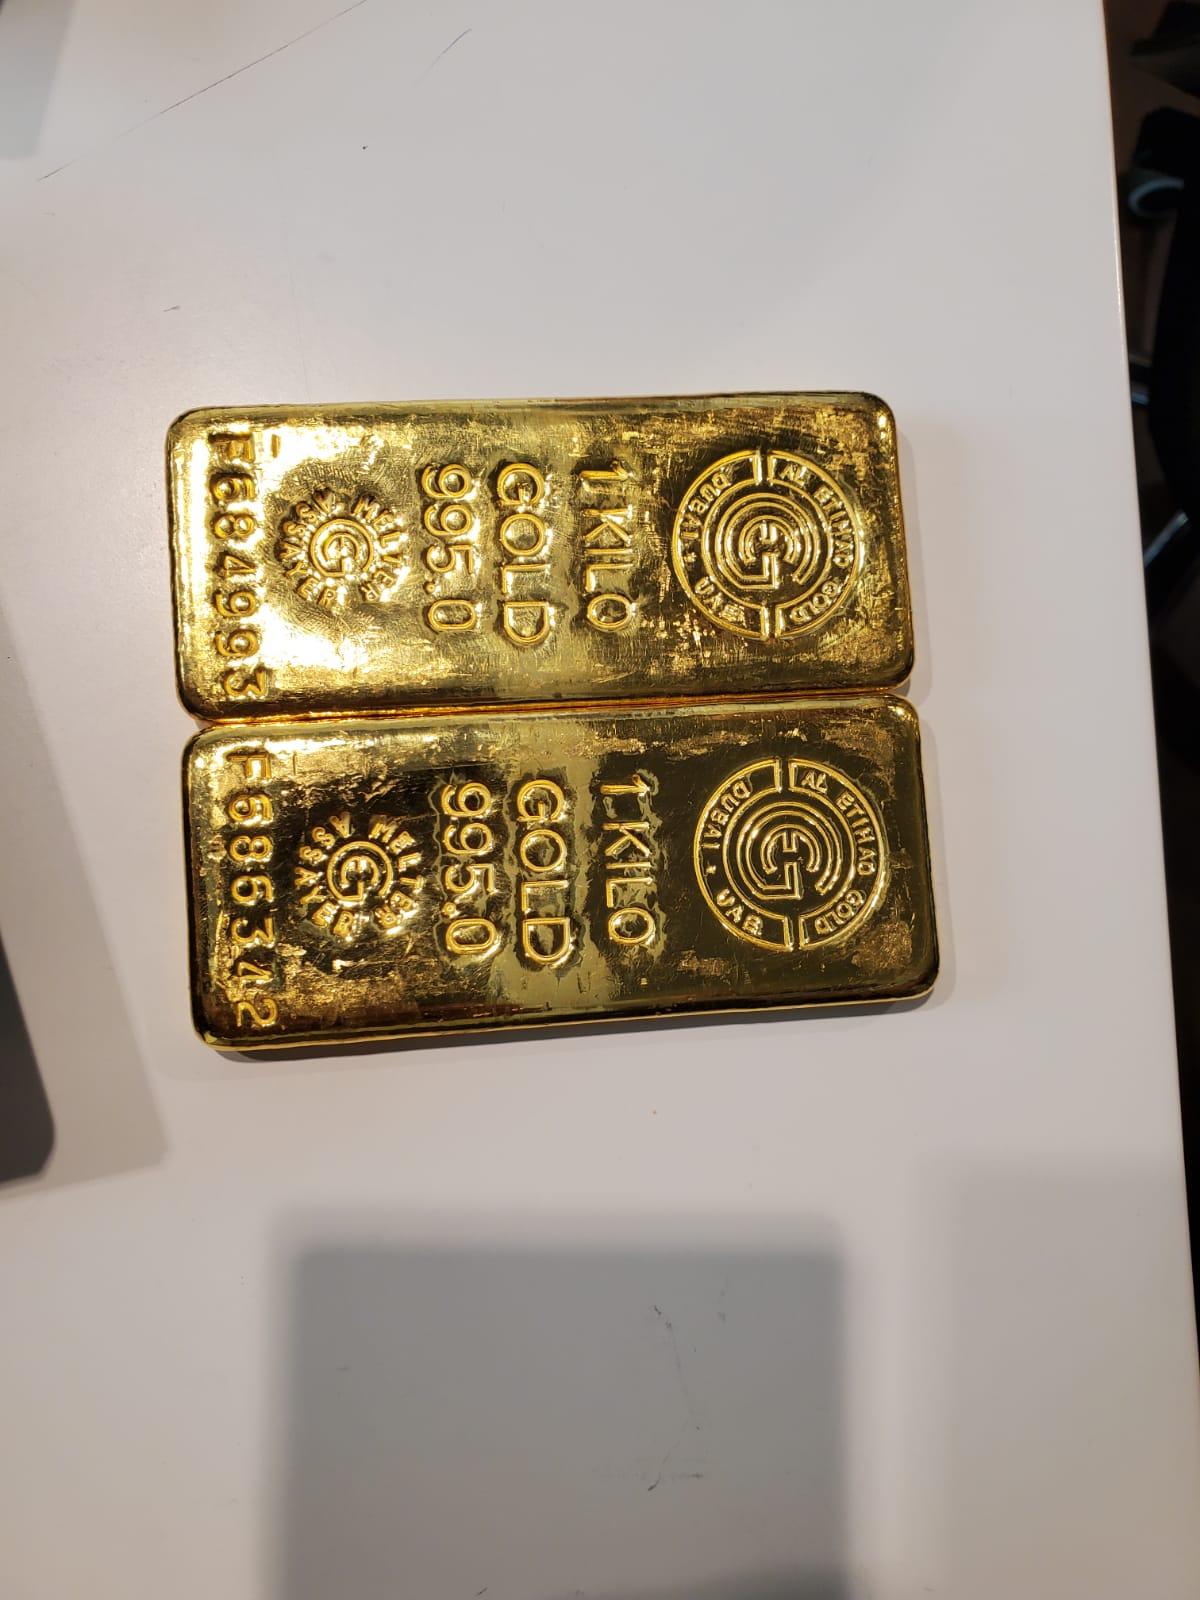 2kg gold bars